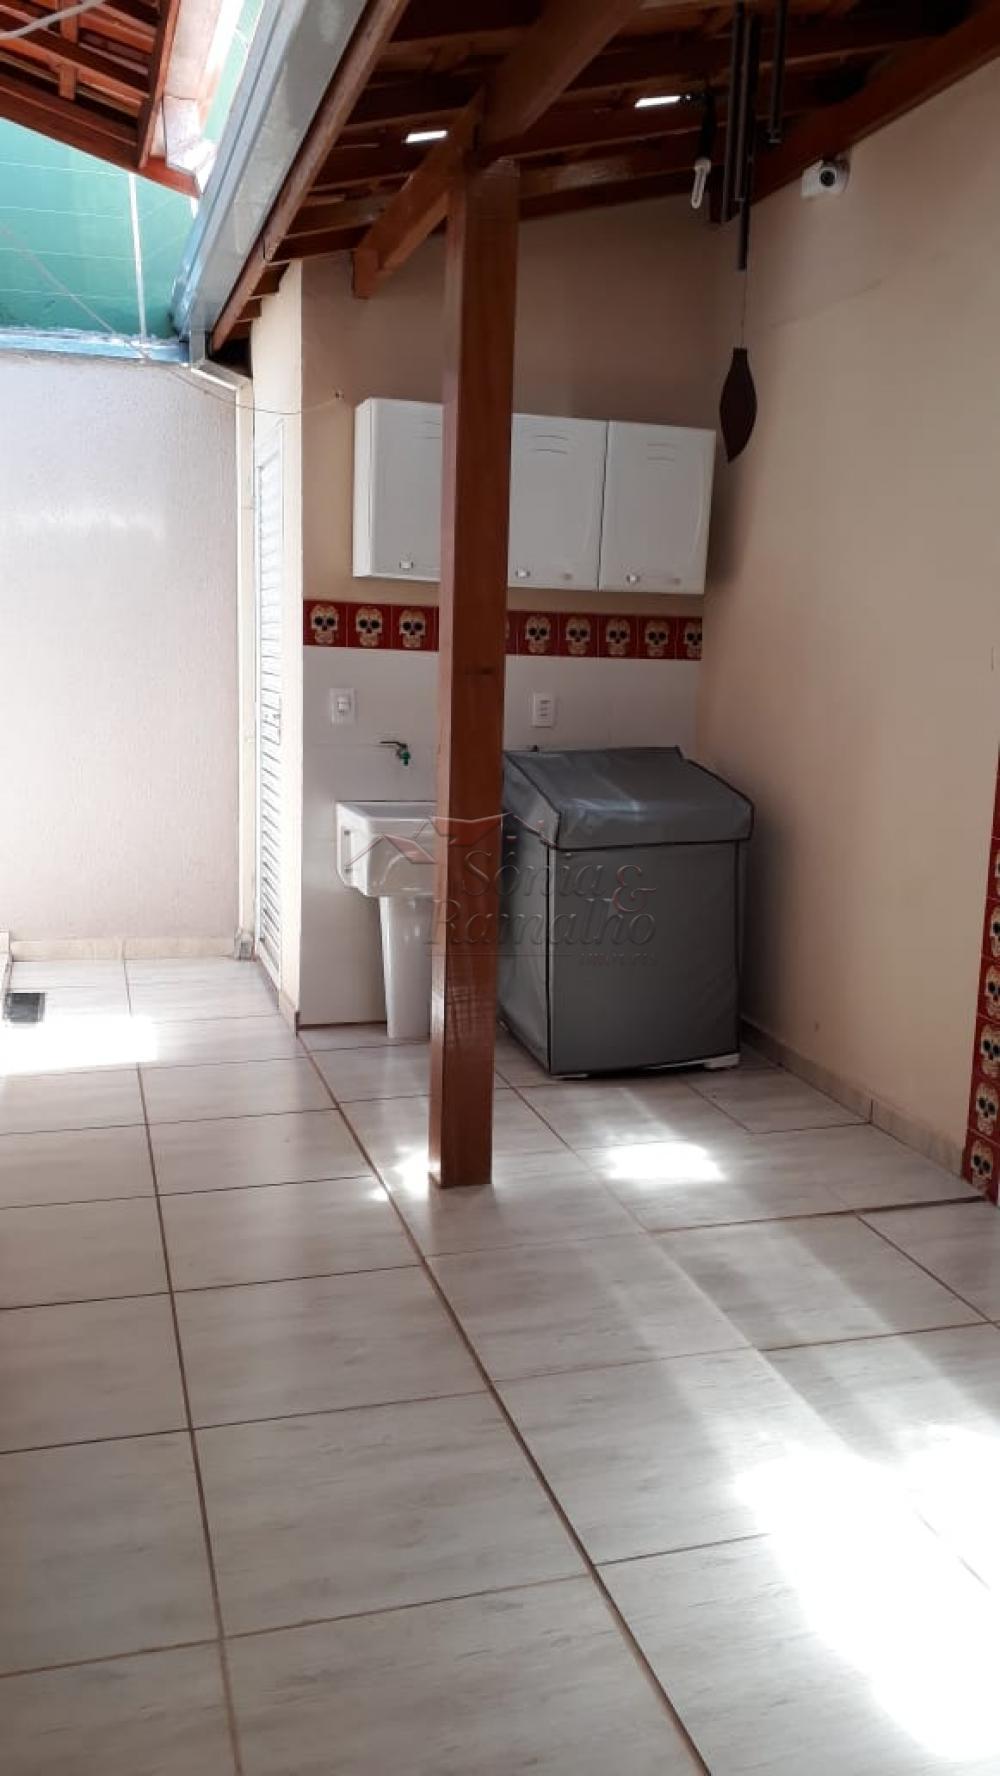 Comprar Casas / Padrão em Ribeirão Preto apenas R$ 265.000,00 - Foto 21